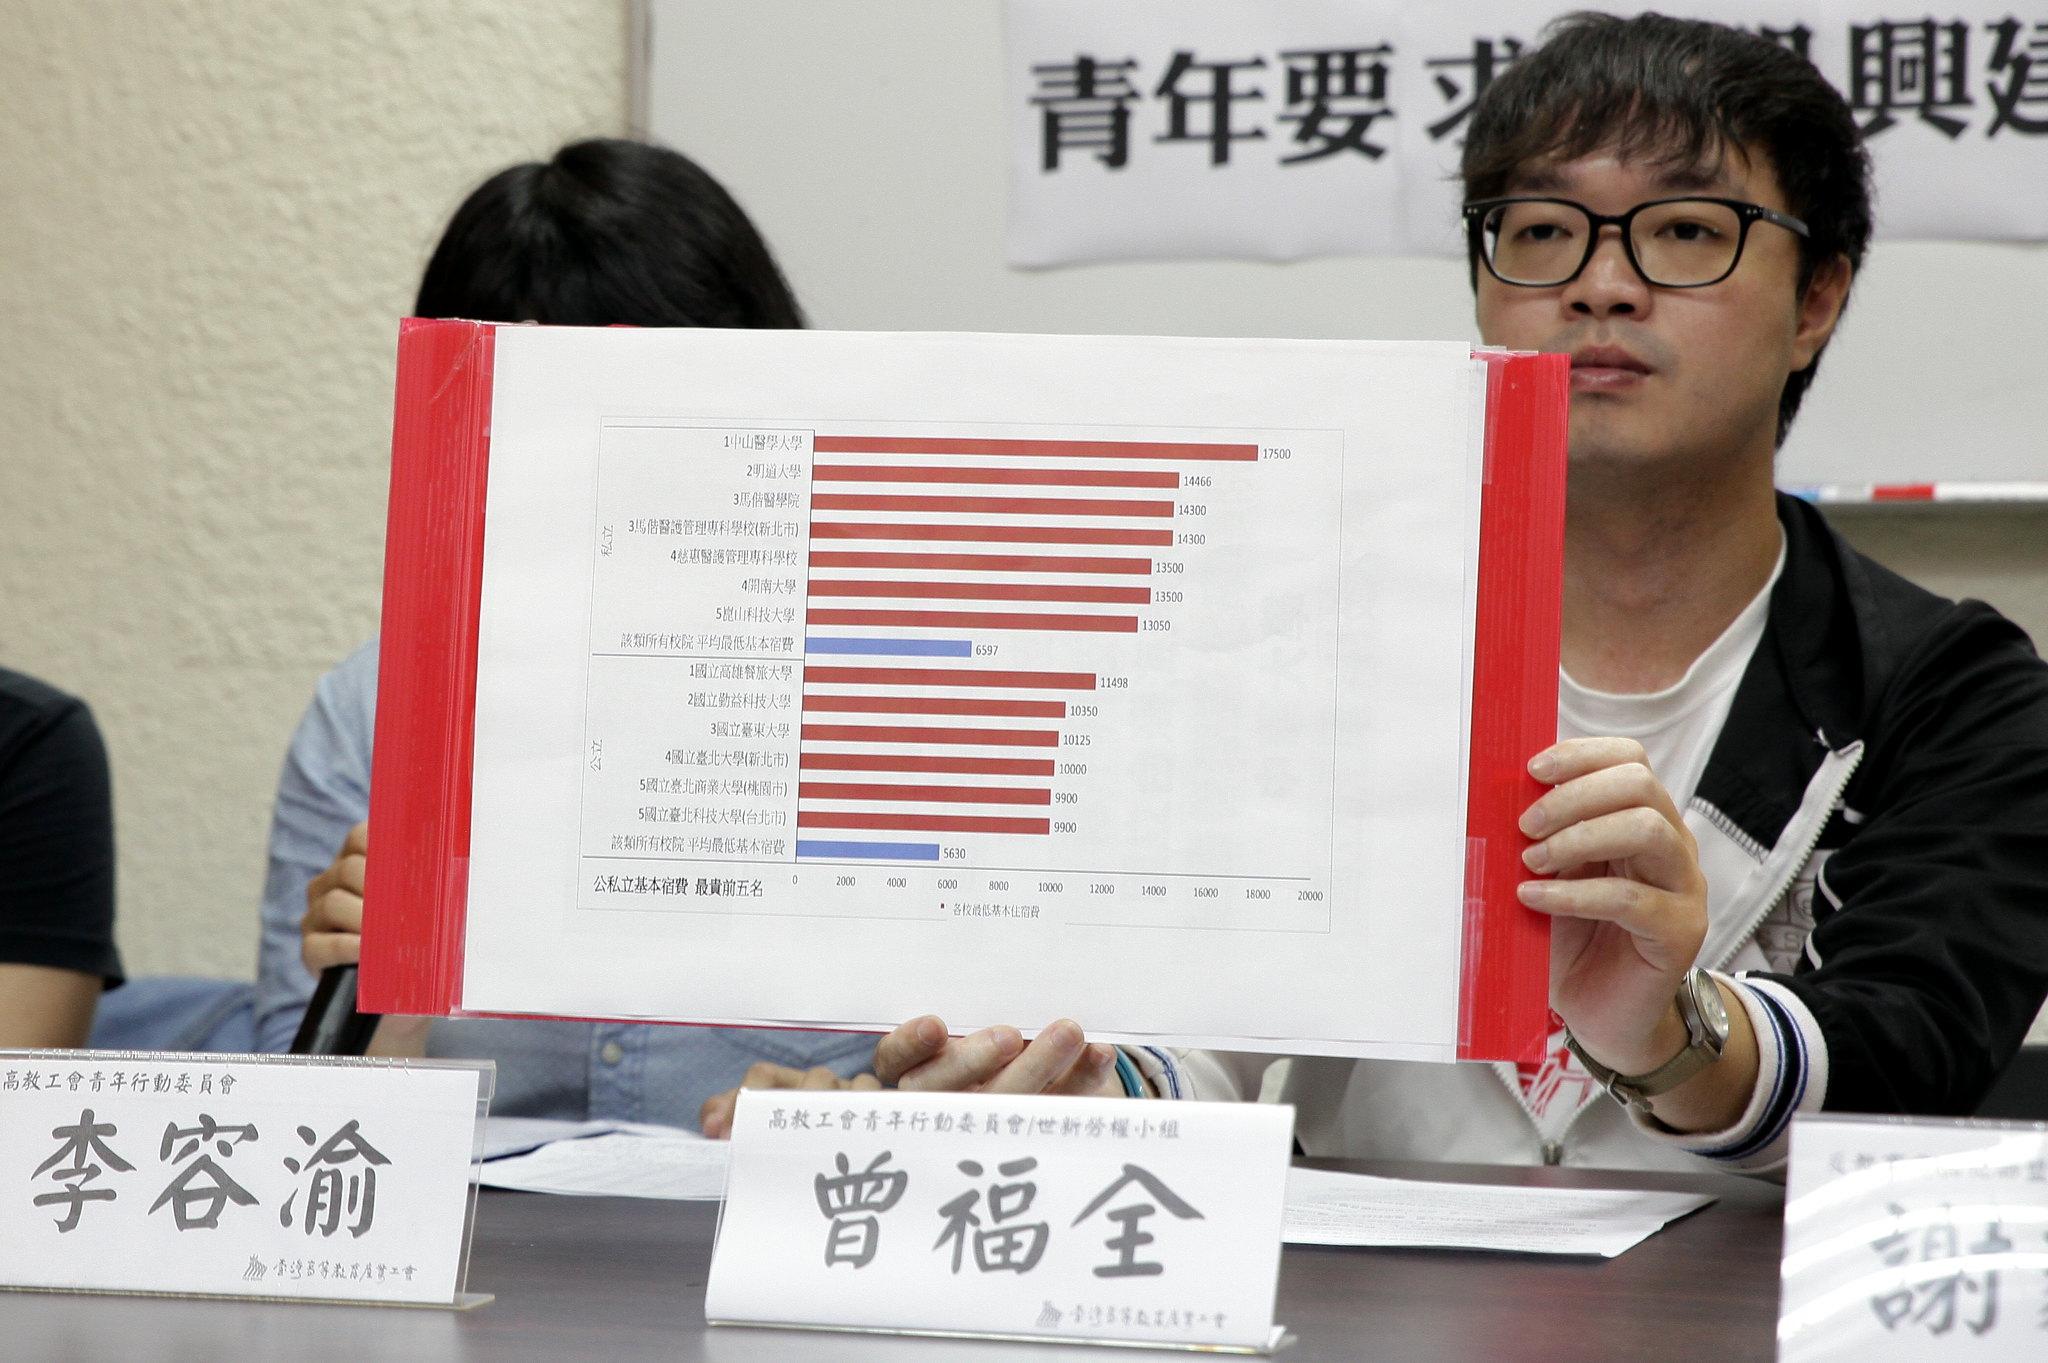 中山醫學大學的宿舍費用「最低」一學期就要17,500,是全台平均宿舍費用(6,299元/每學期)的將近三倍。(攝影:陳逸婷)